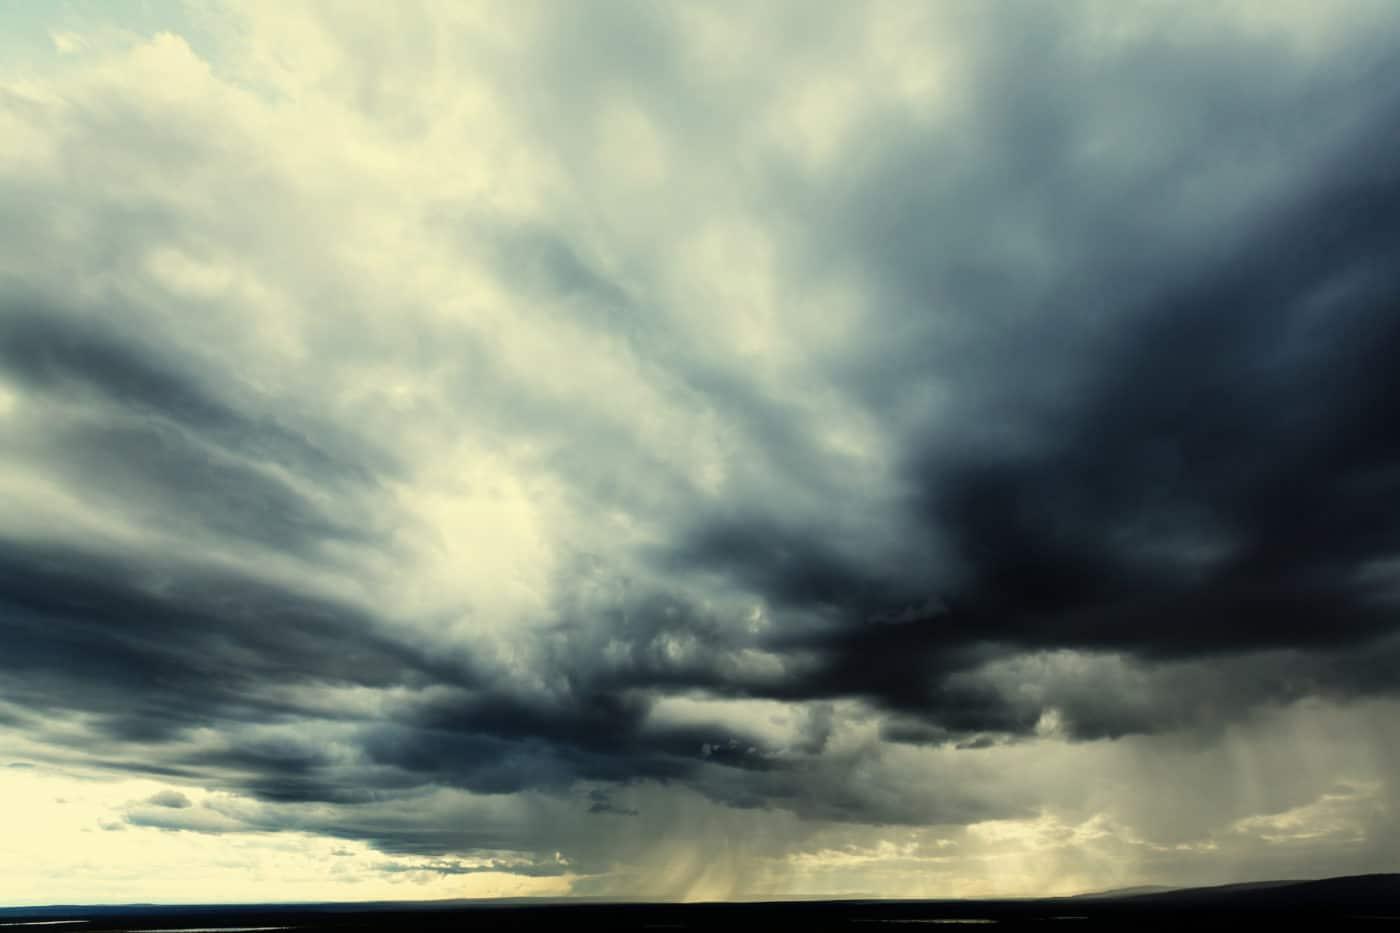 Verlängerung der Antragsfrist für Unwetter-Soforthilfe bis 30. September